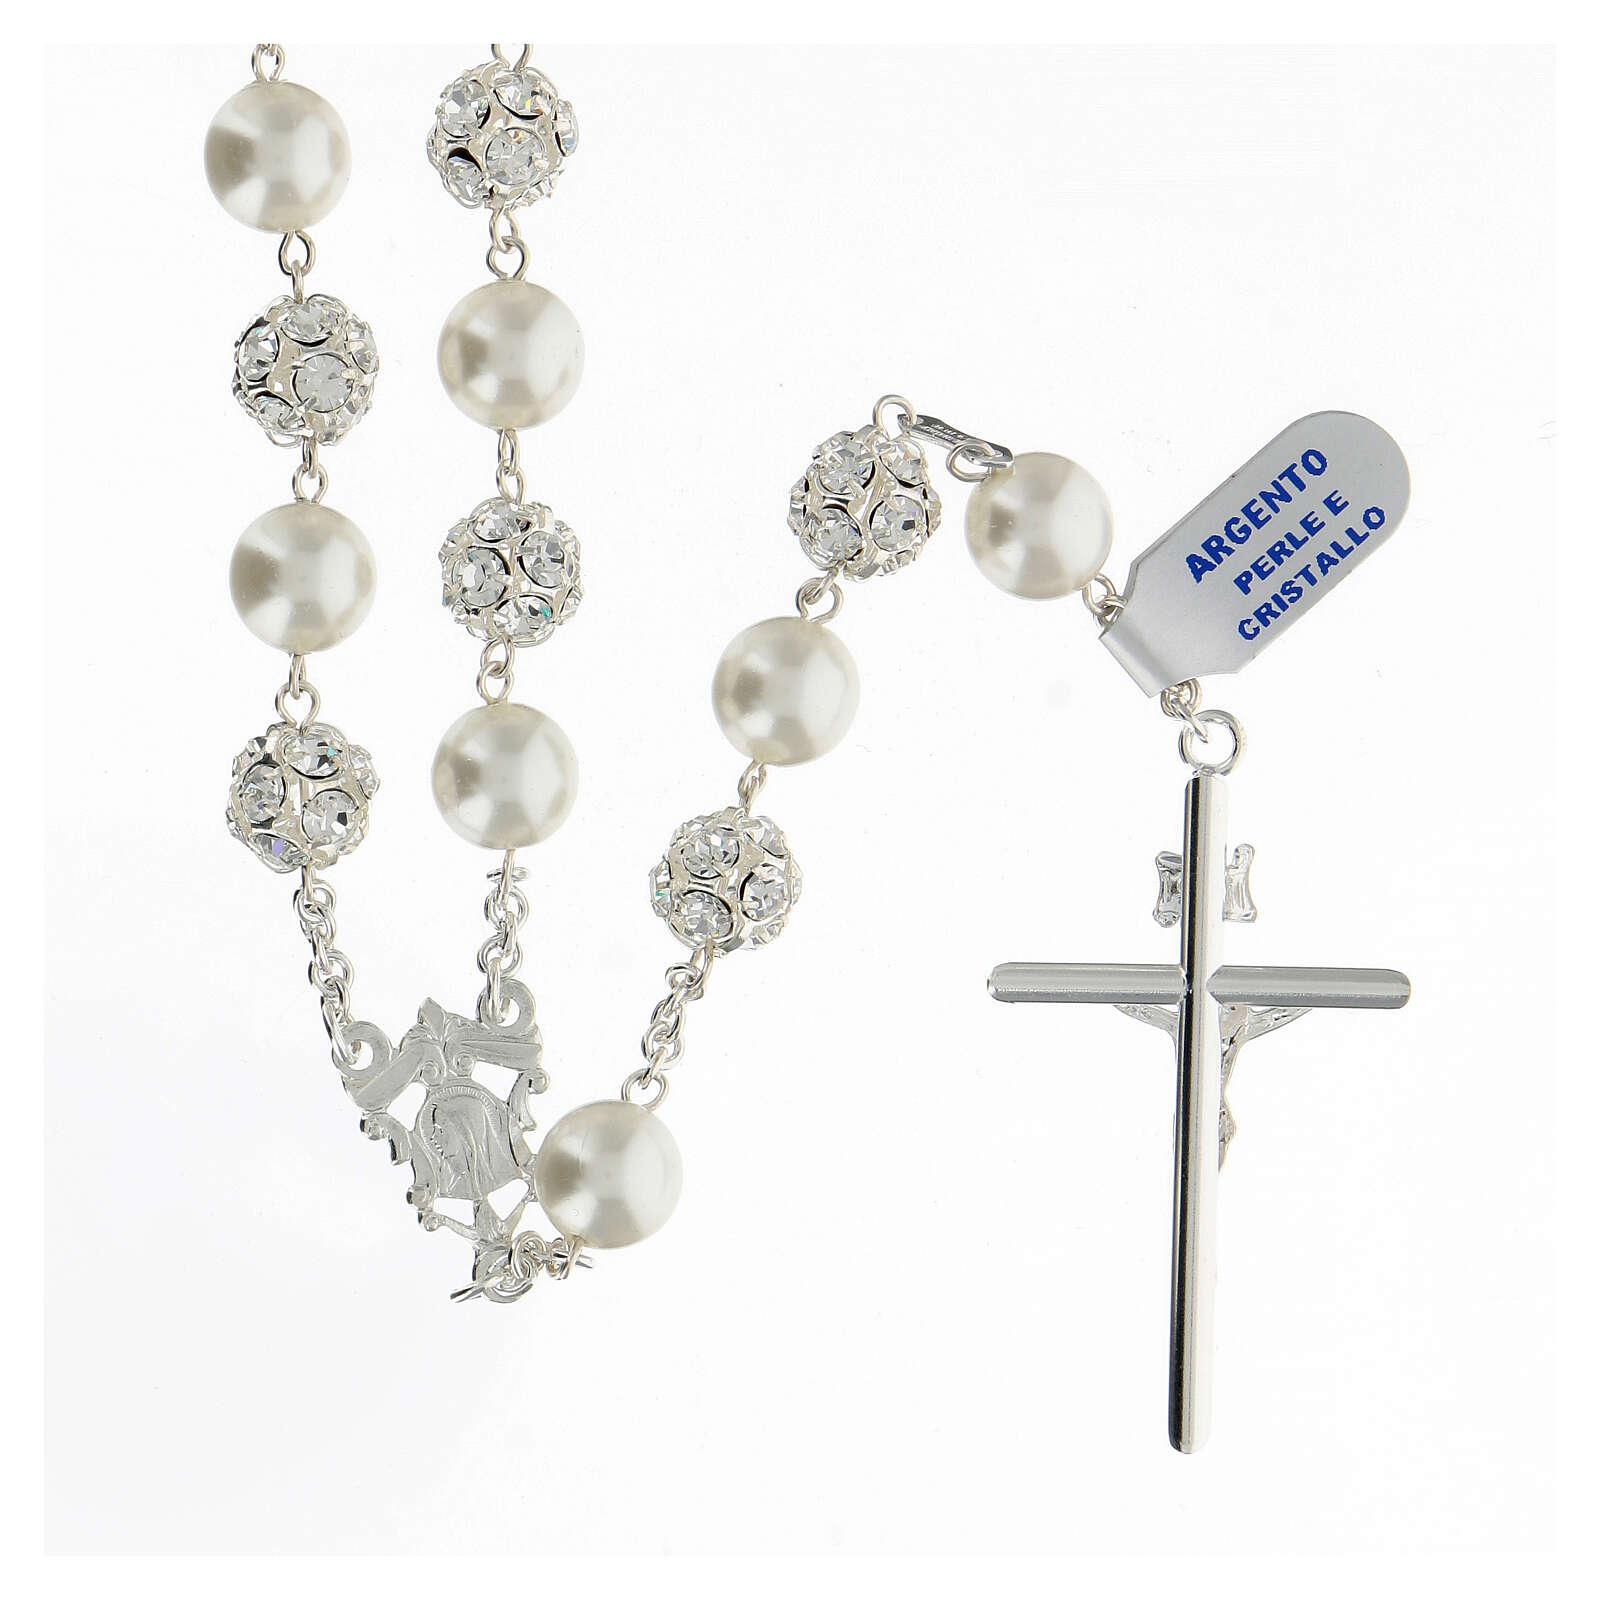 Rosario plata 925 granos 10 mm perlas cristales blancos crucifijo 4